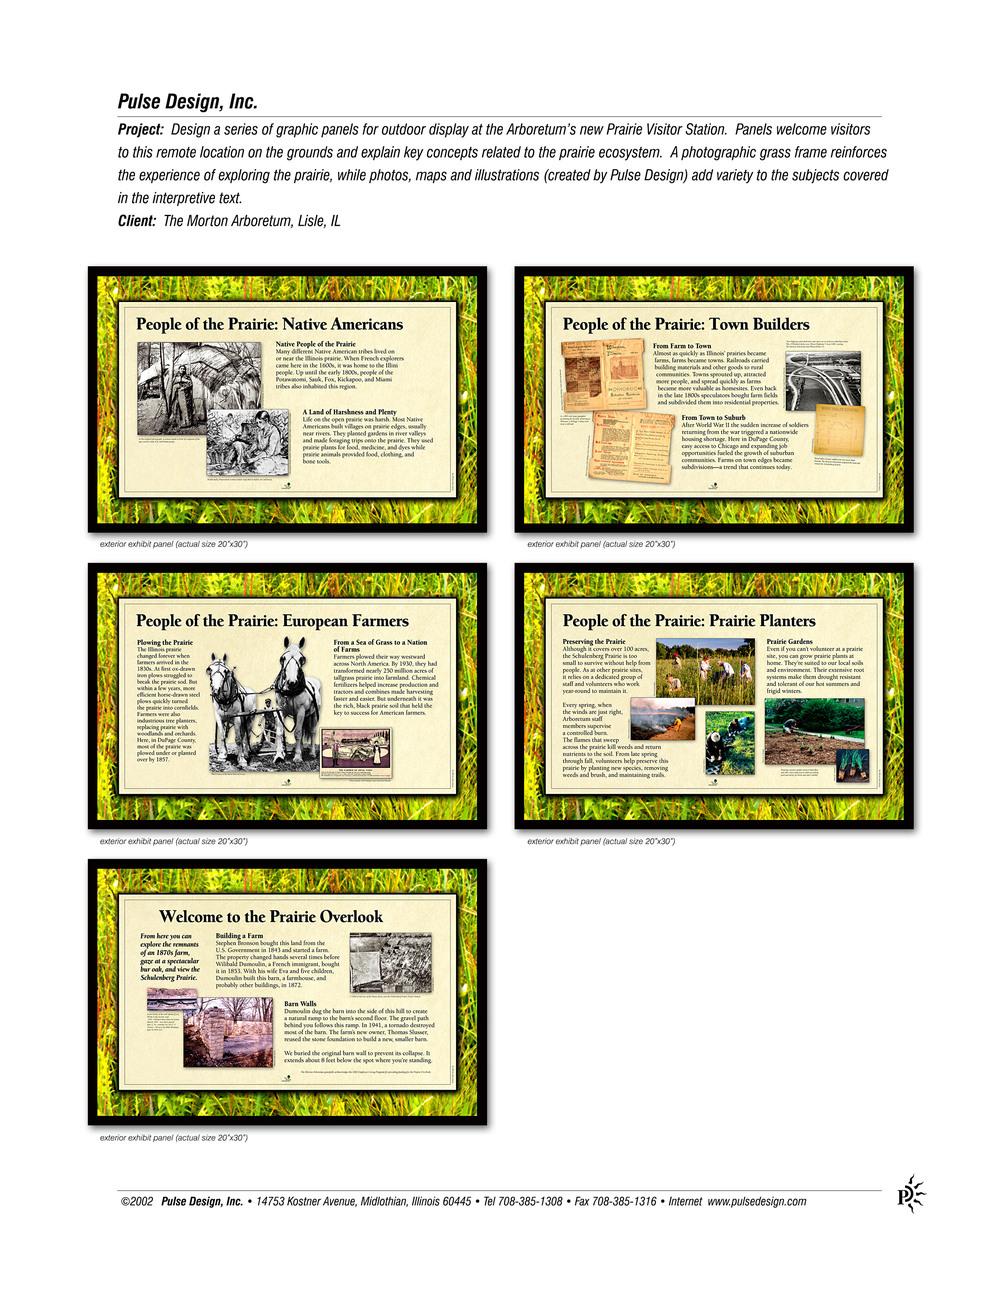 Morton-Arboretum-Prairie-2-Trail-Sign-Pulse-Design-Inc.jpg